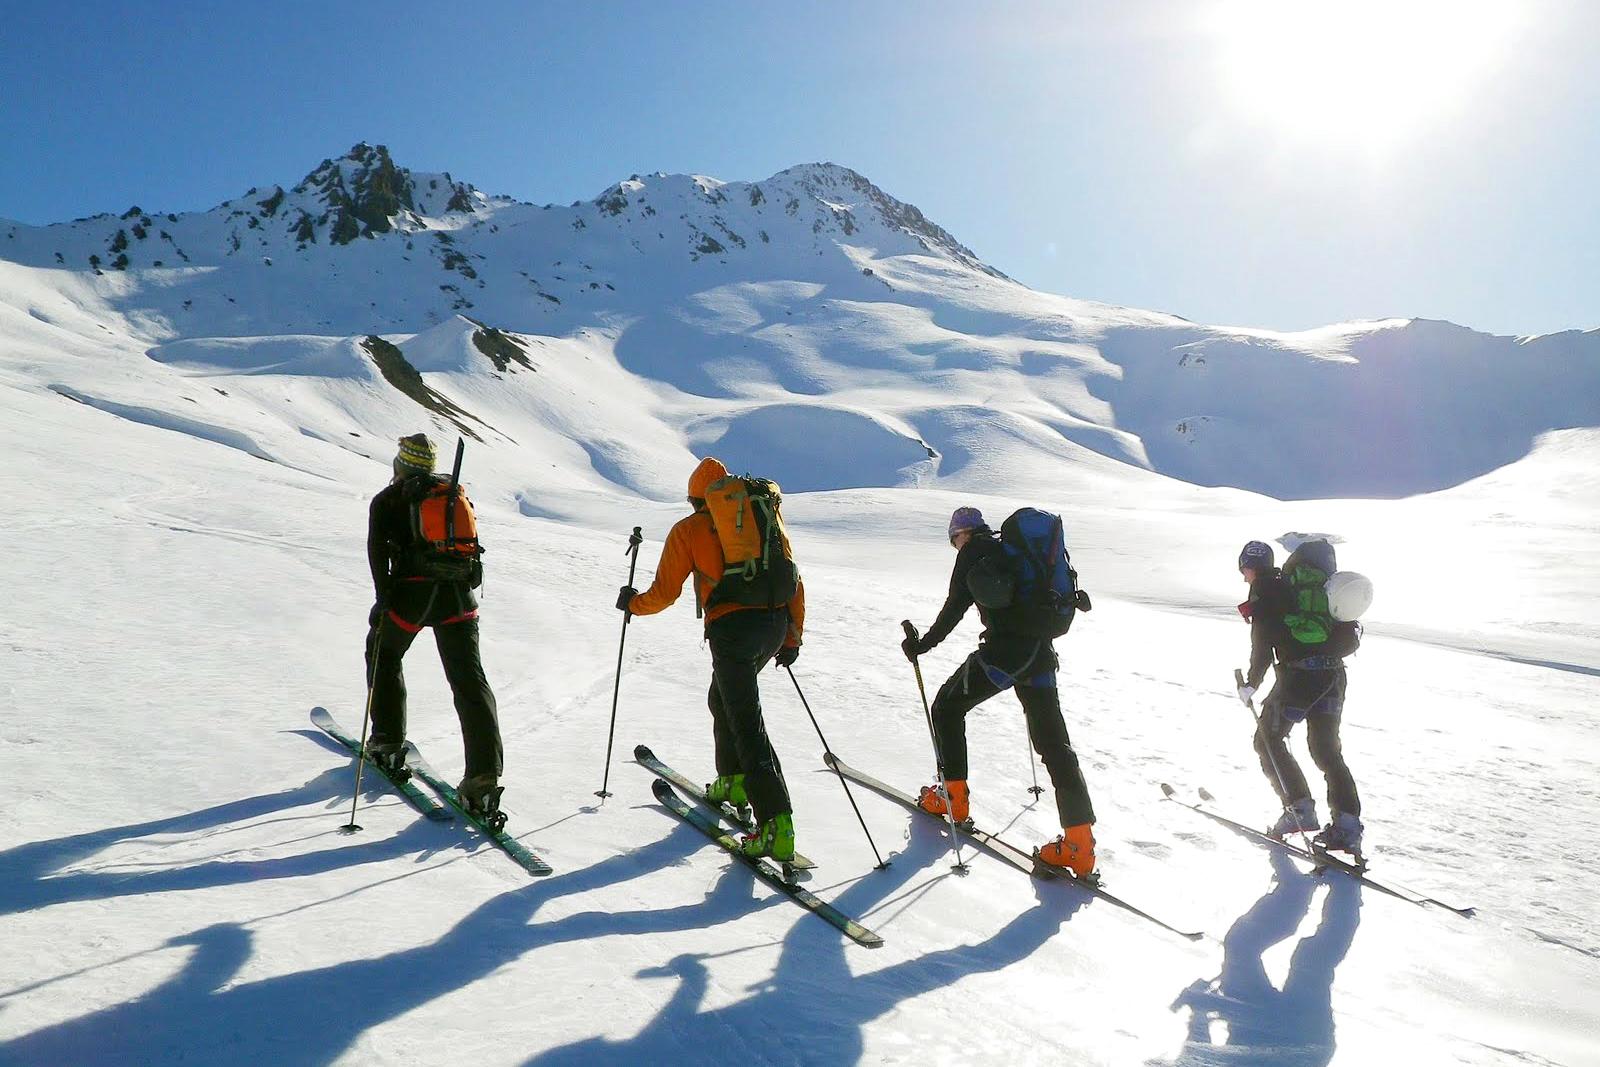 Séjour ski pour les enfants en pension complète (halal)